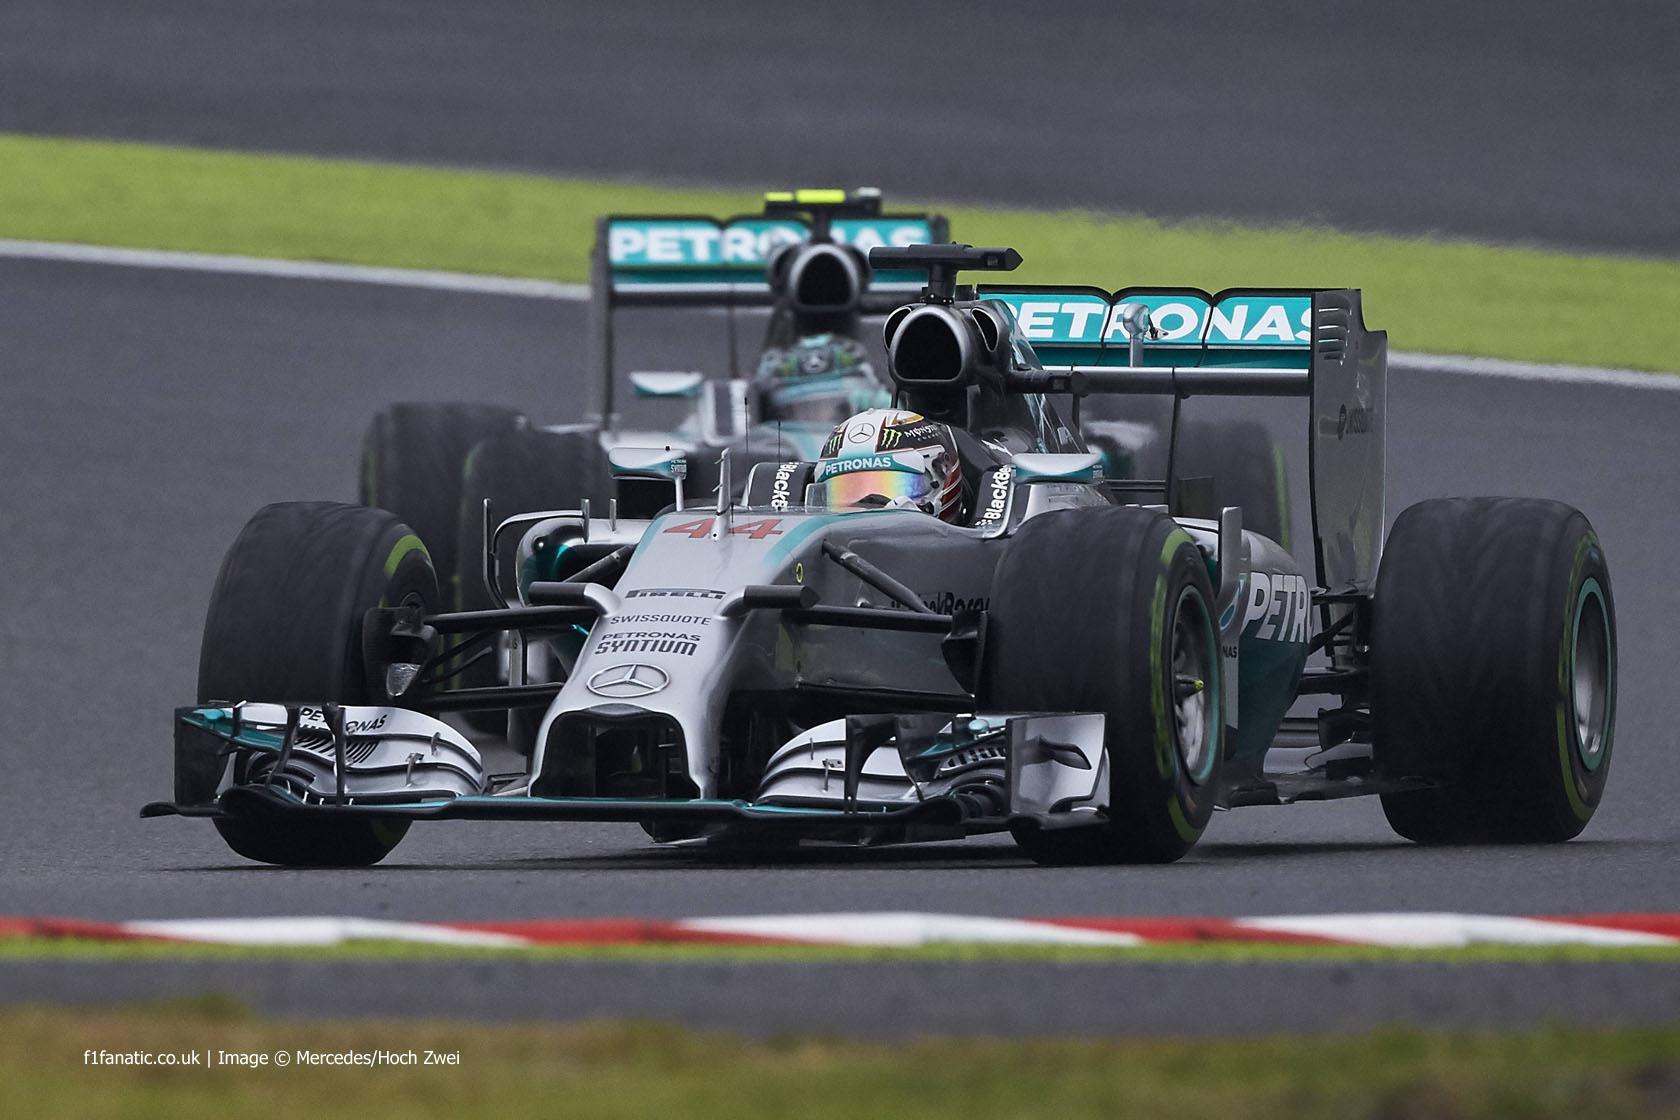 Lewis Hamilton, Mercedes, Suzuka, 2014